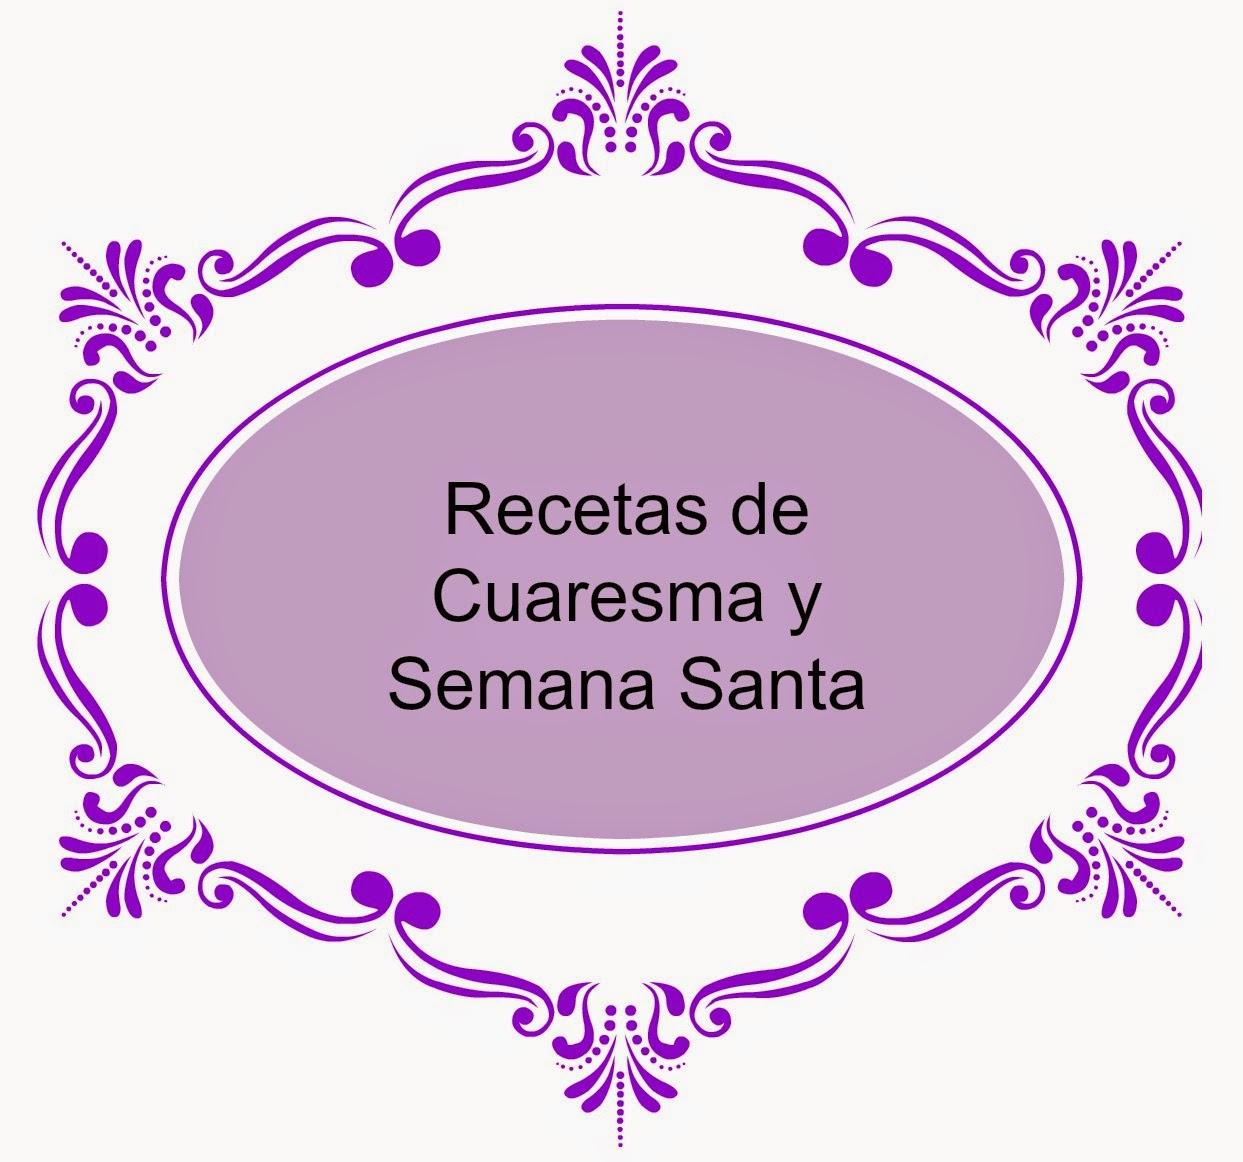 Recopilatorio Recetas Cuaresma y Semana Santa